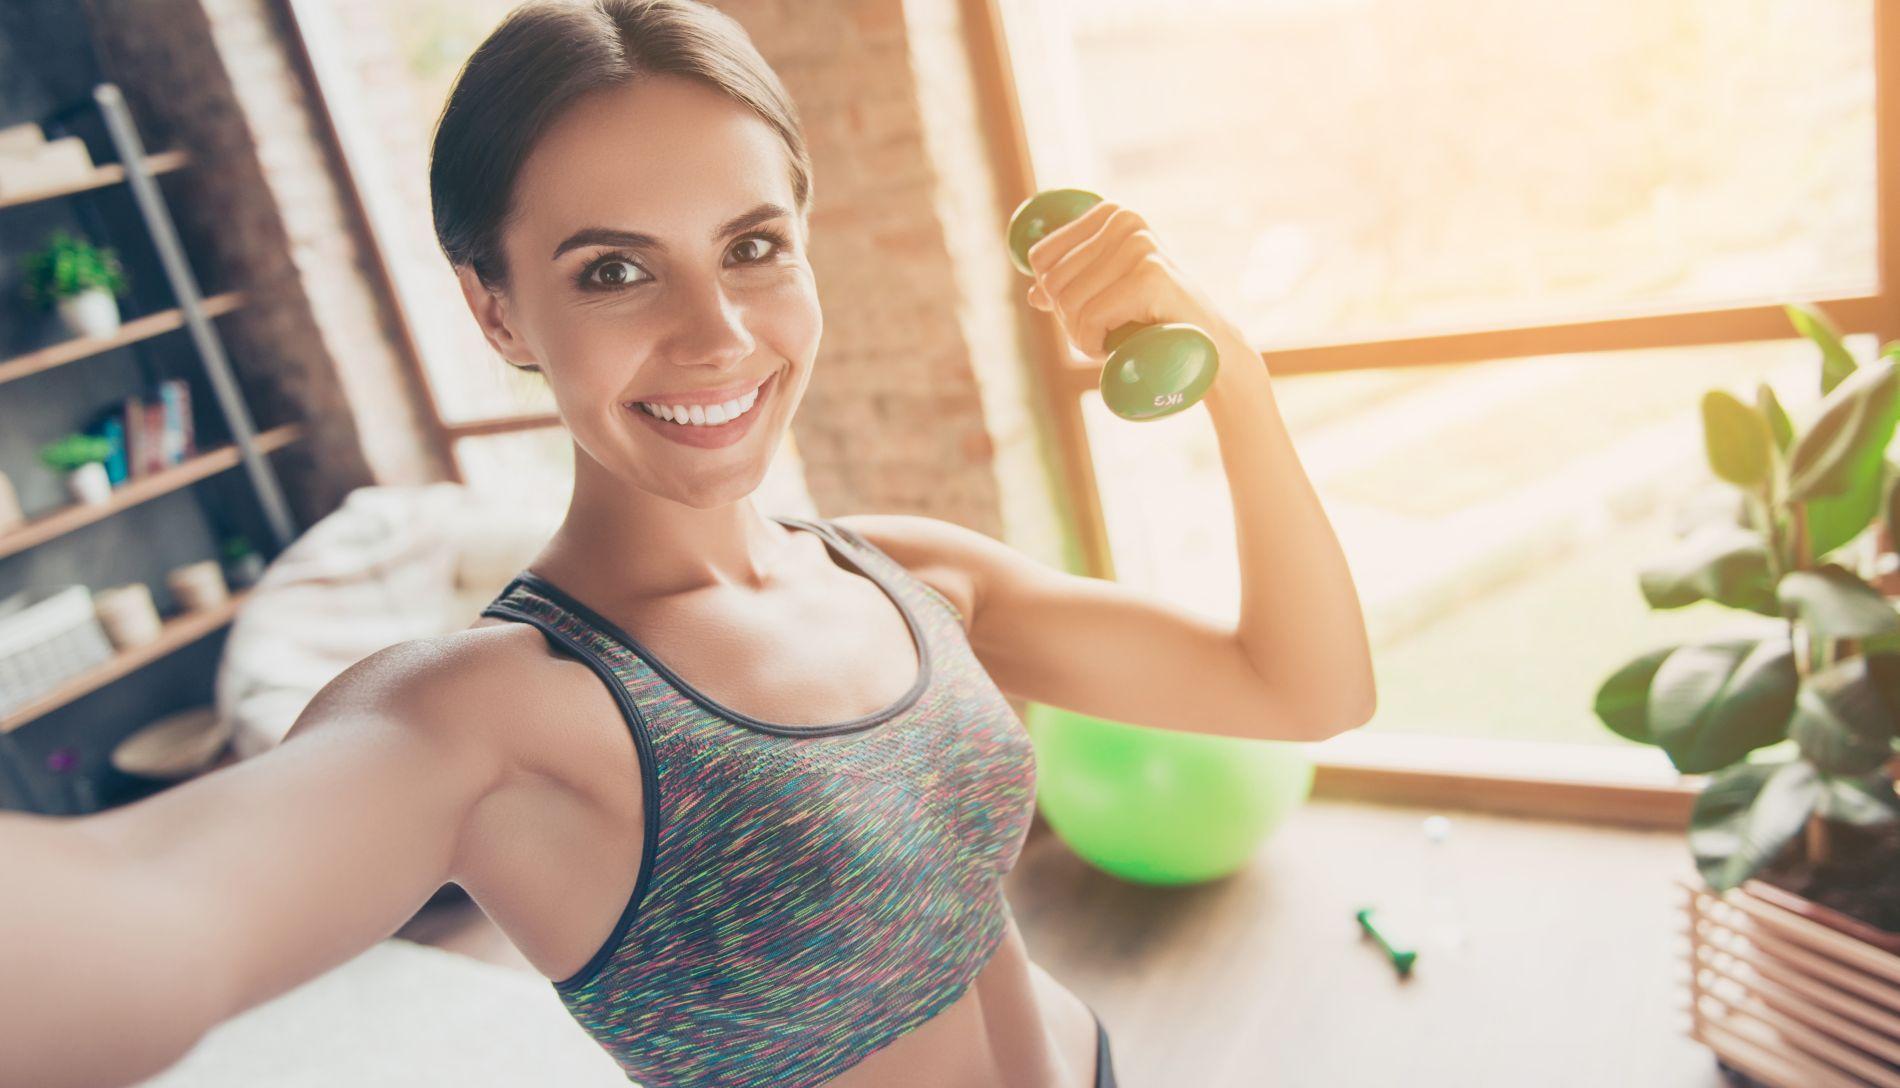 vježbanje, motivacija